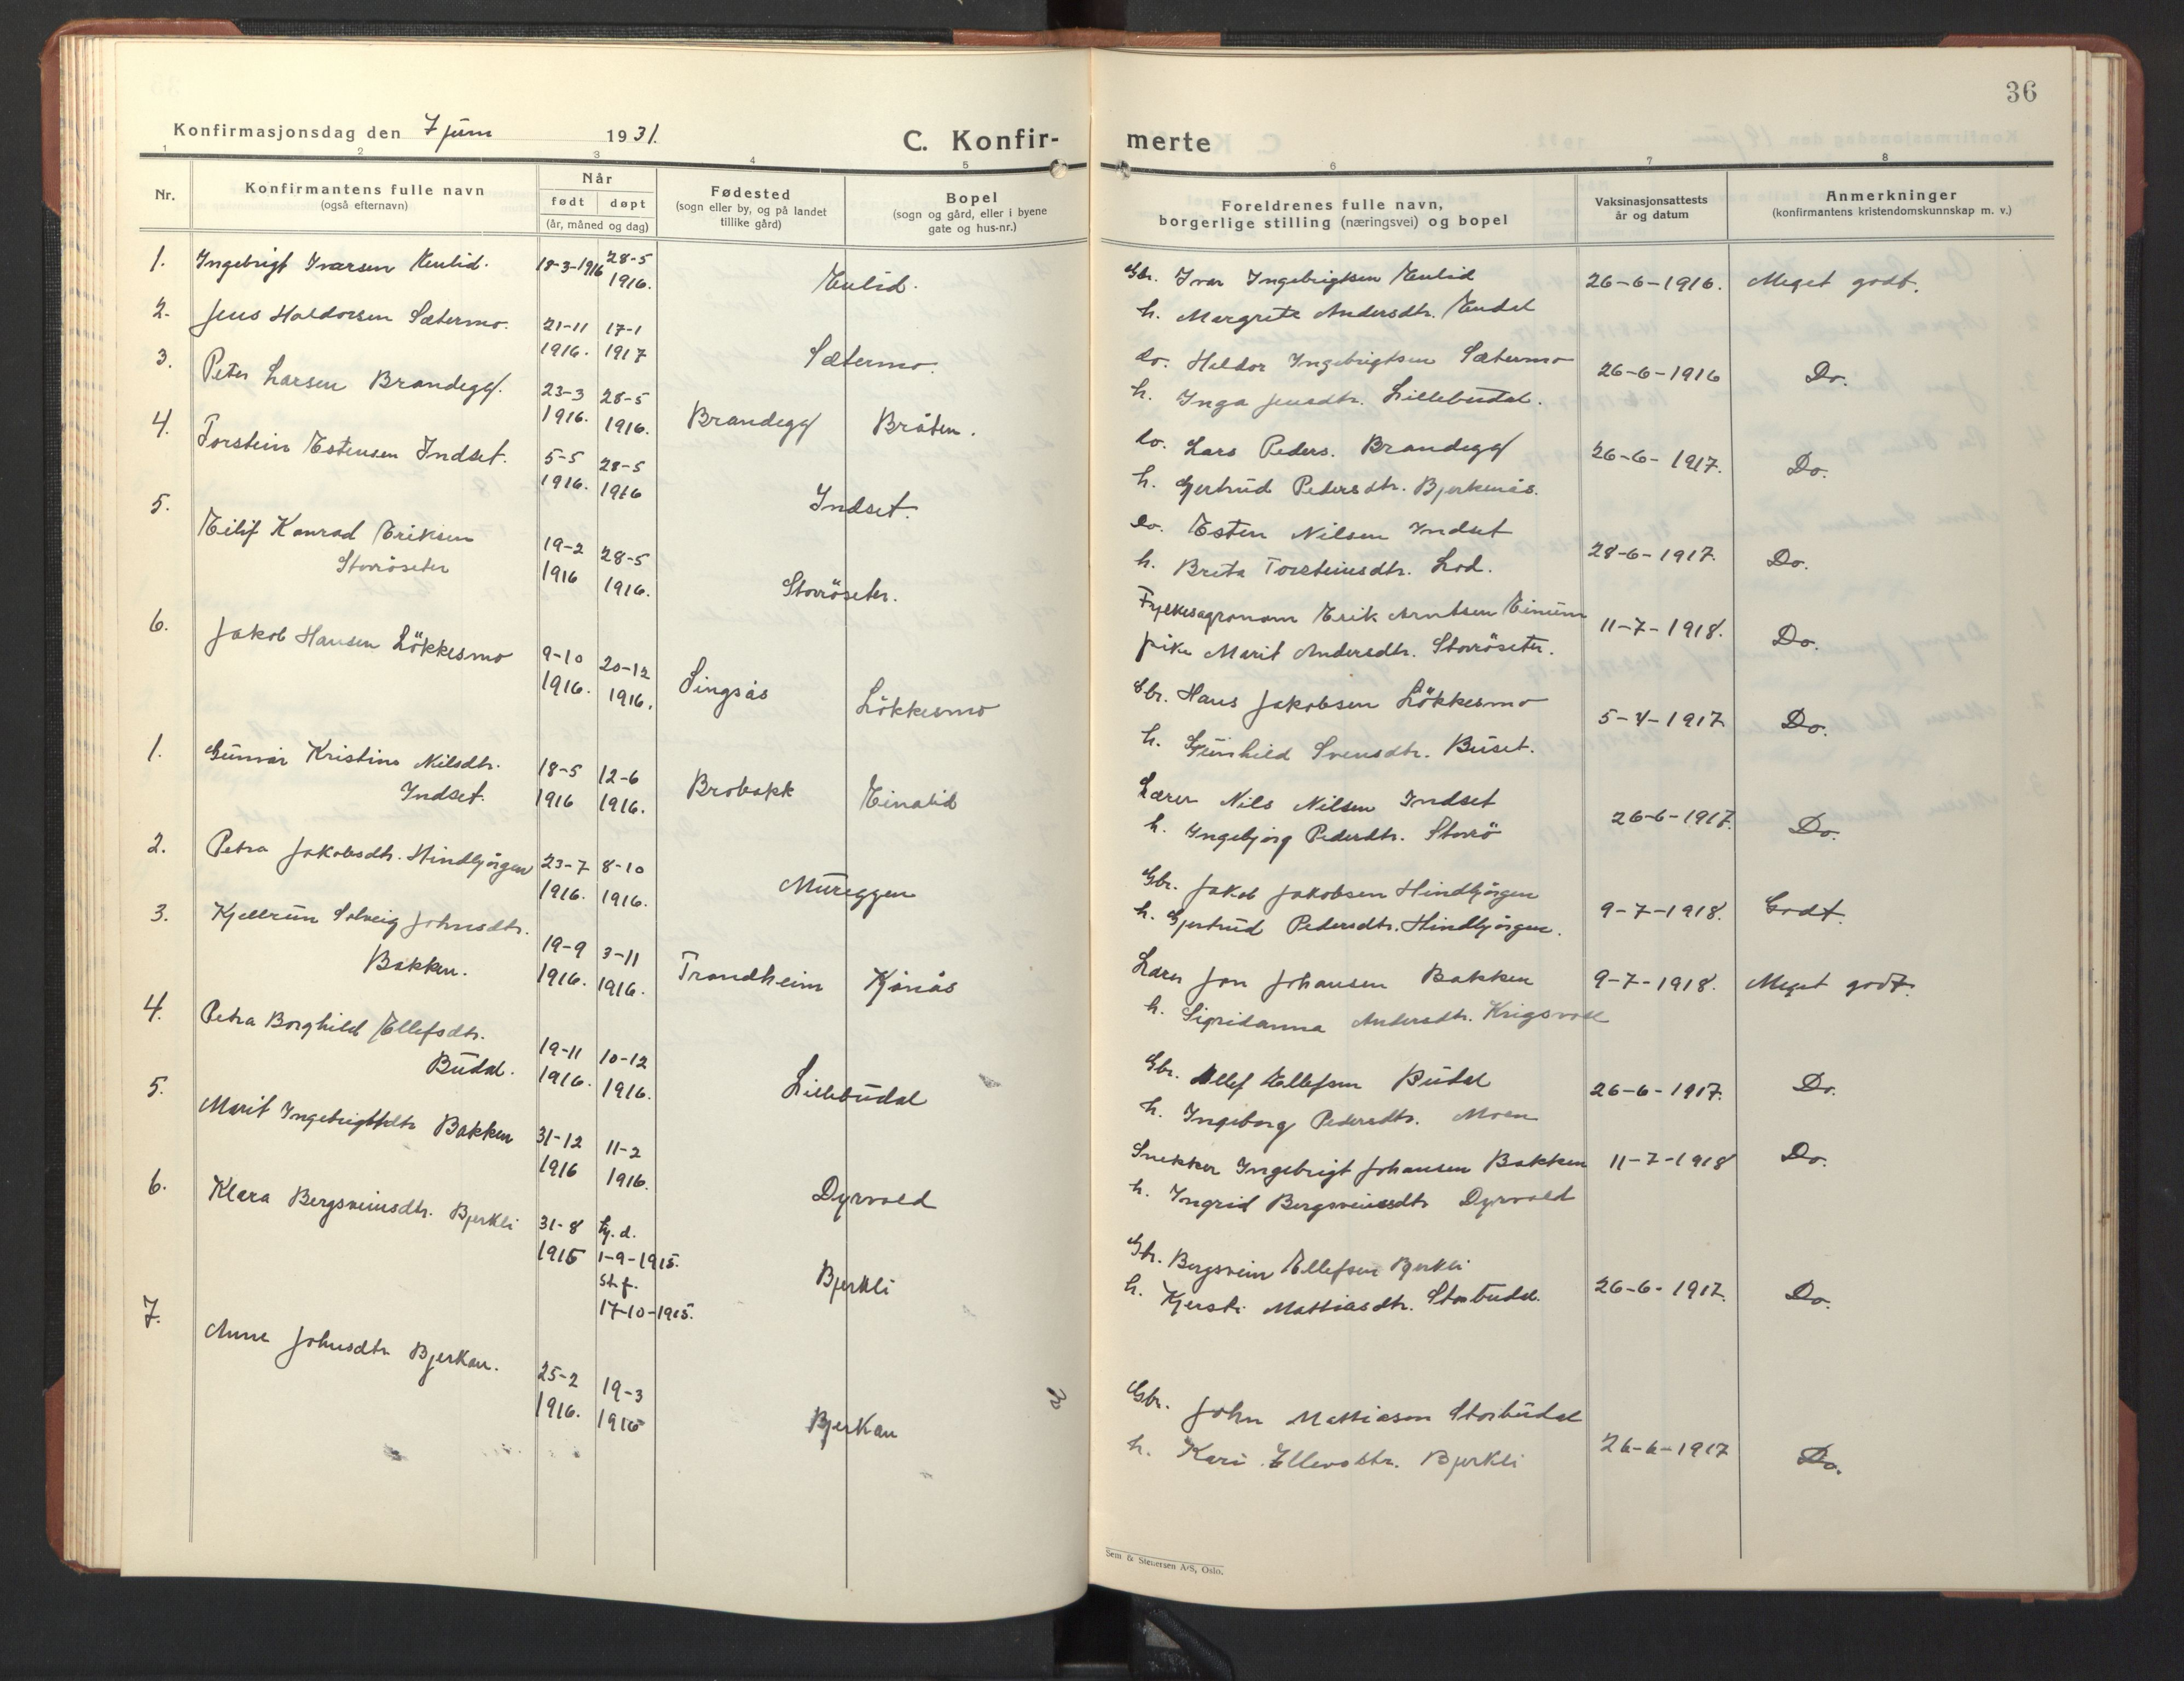 SAT, Ministerialprotokoller, klokkerbøker og fødselsregistre - Sør-Trøndelag, 690/L1053: Klokkerbok nr. 690C03, 1930-1947, s. 36